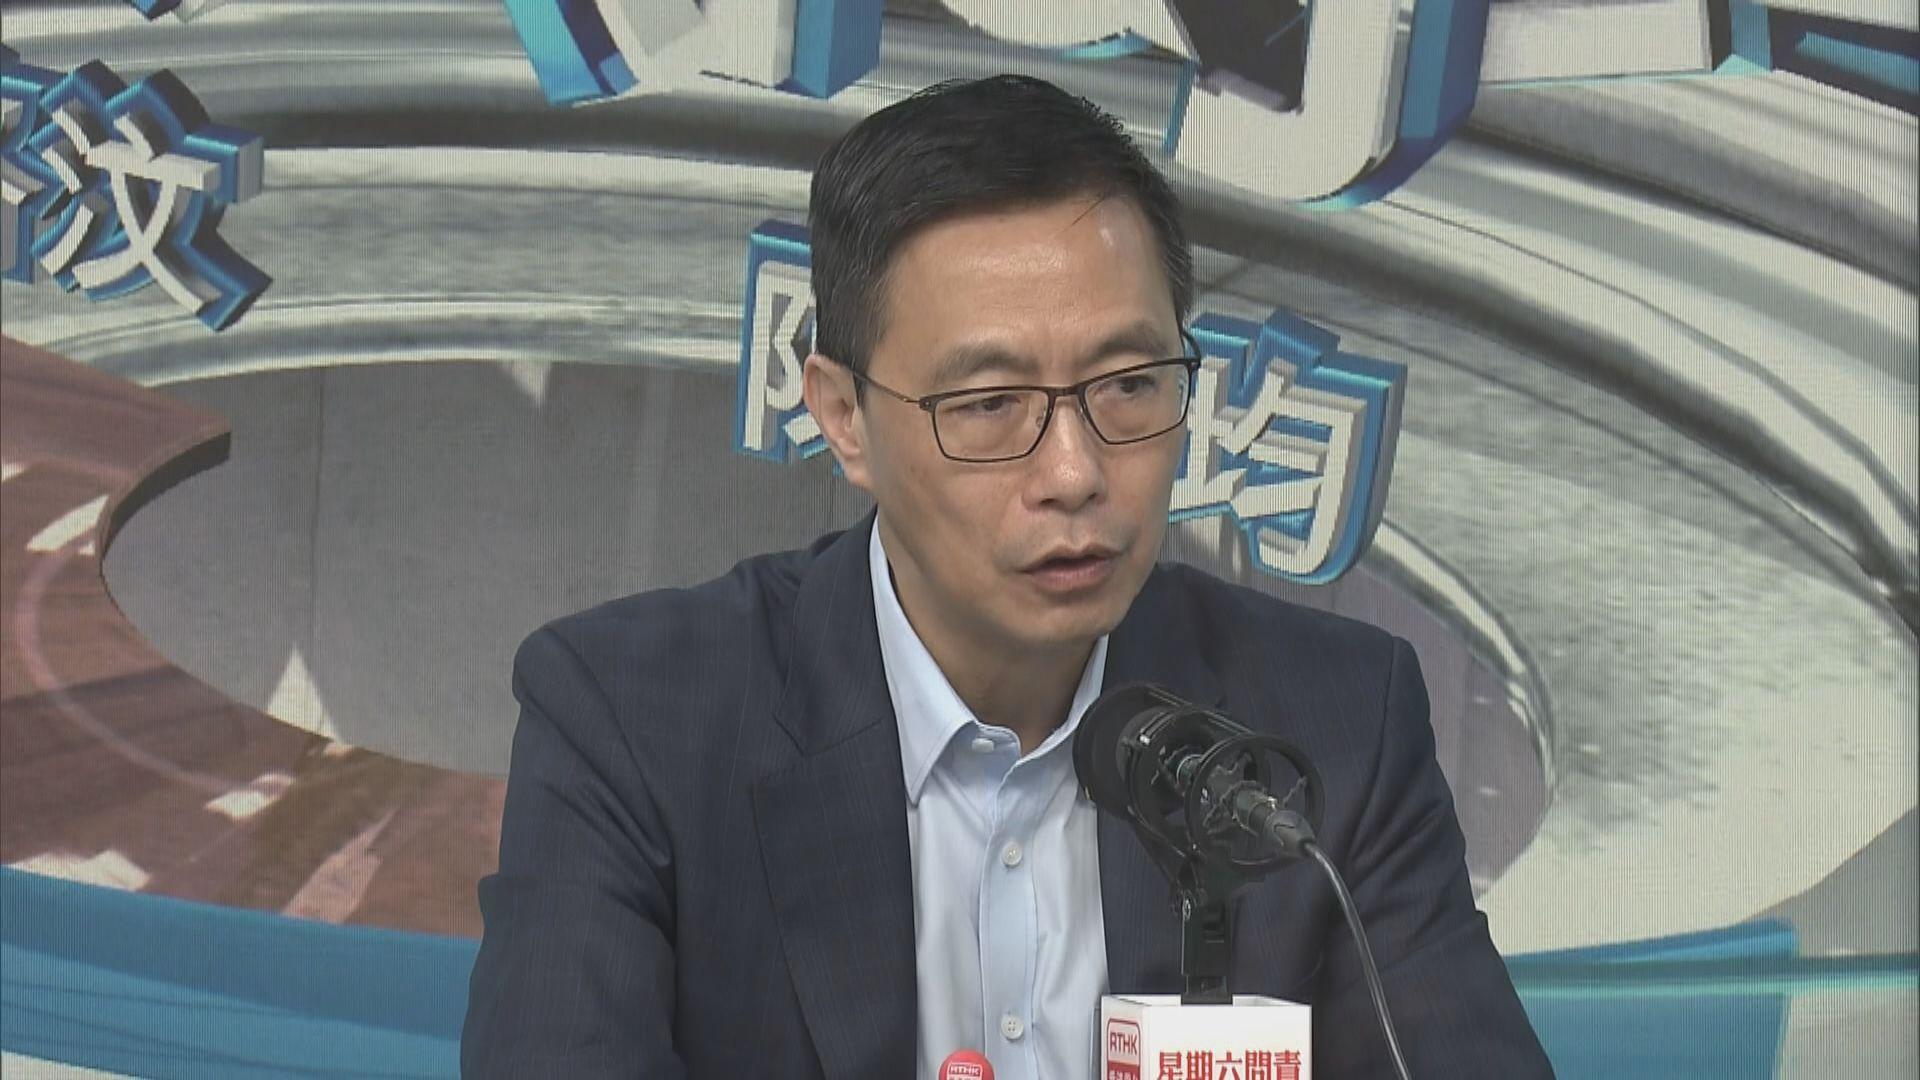 楊潤雄︰理大衝突中無嚴重受傷算安心結局